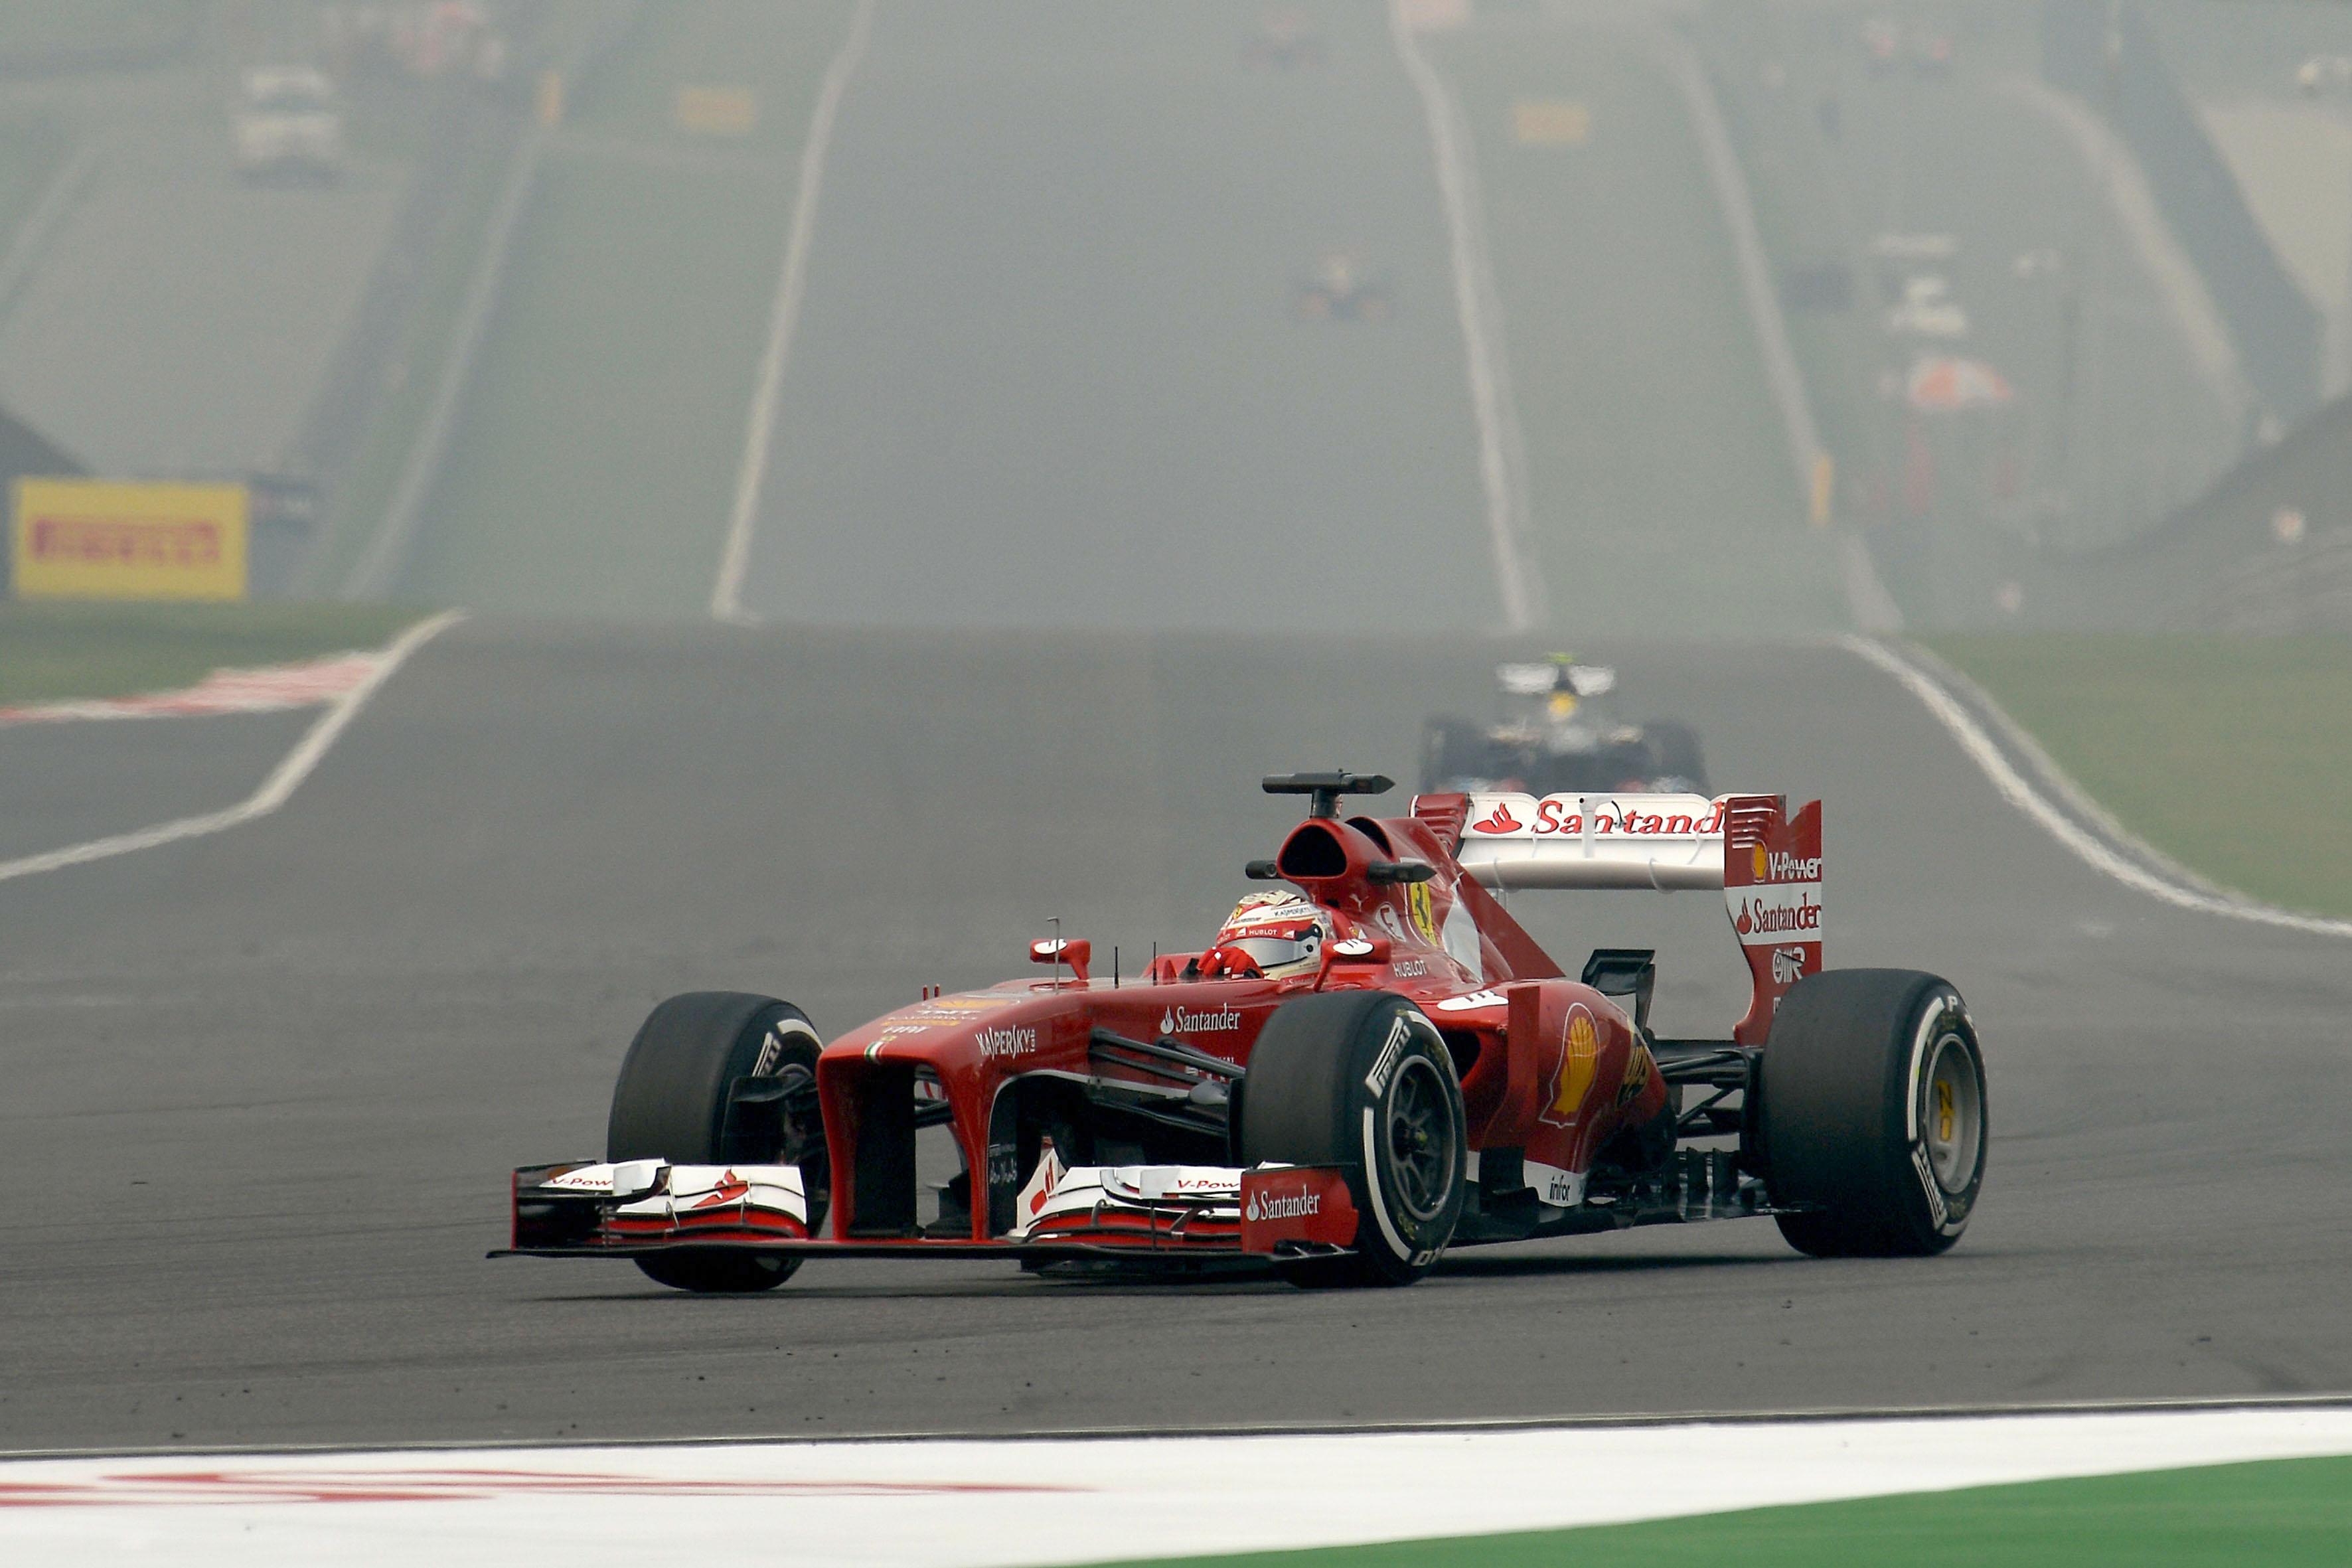 Terze libere con nebbia, Vettel 1°, Alonso 3°